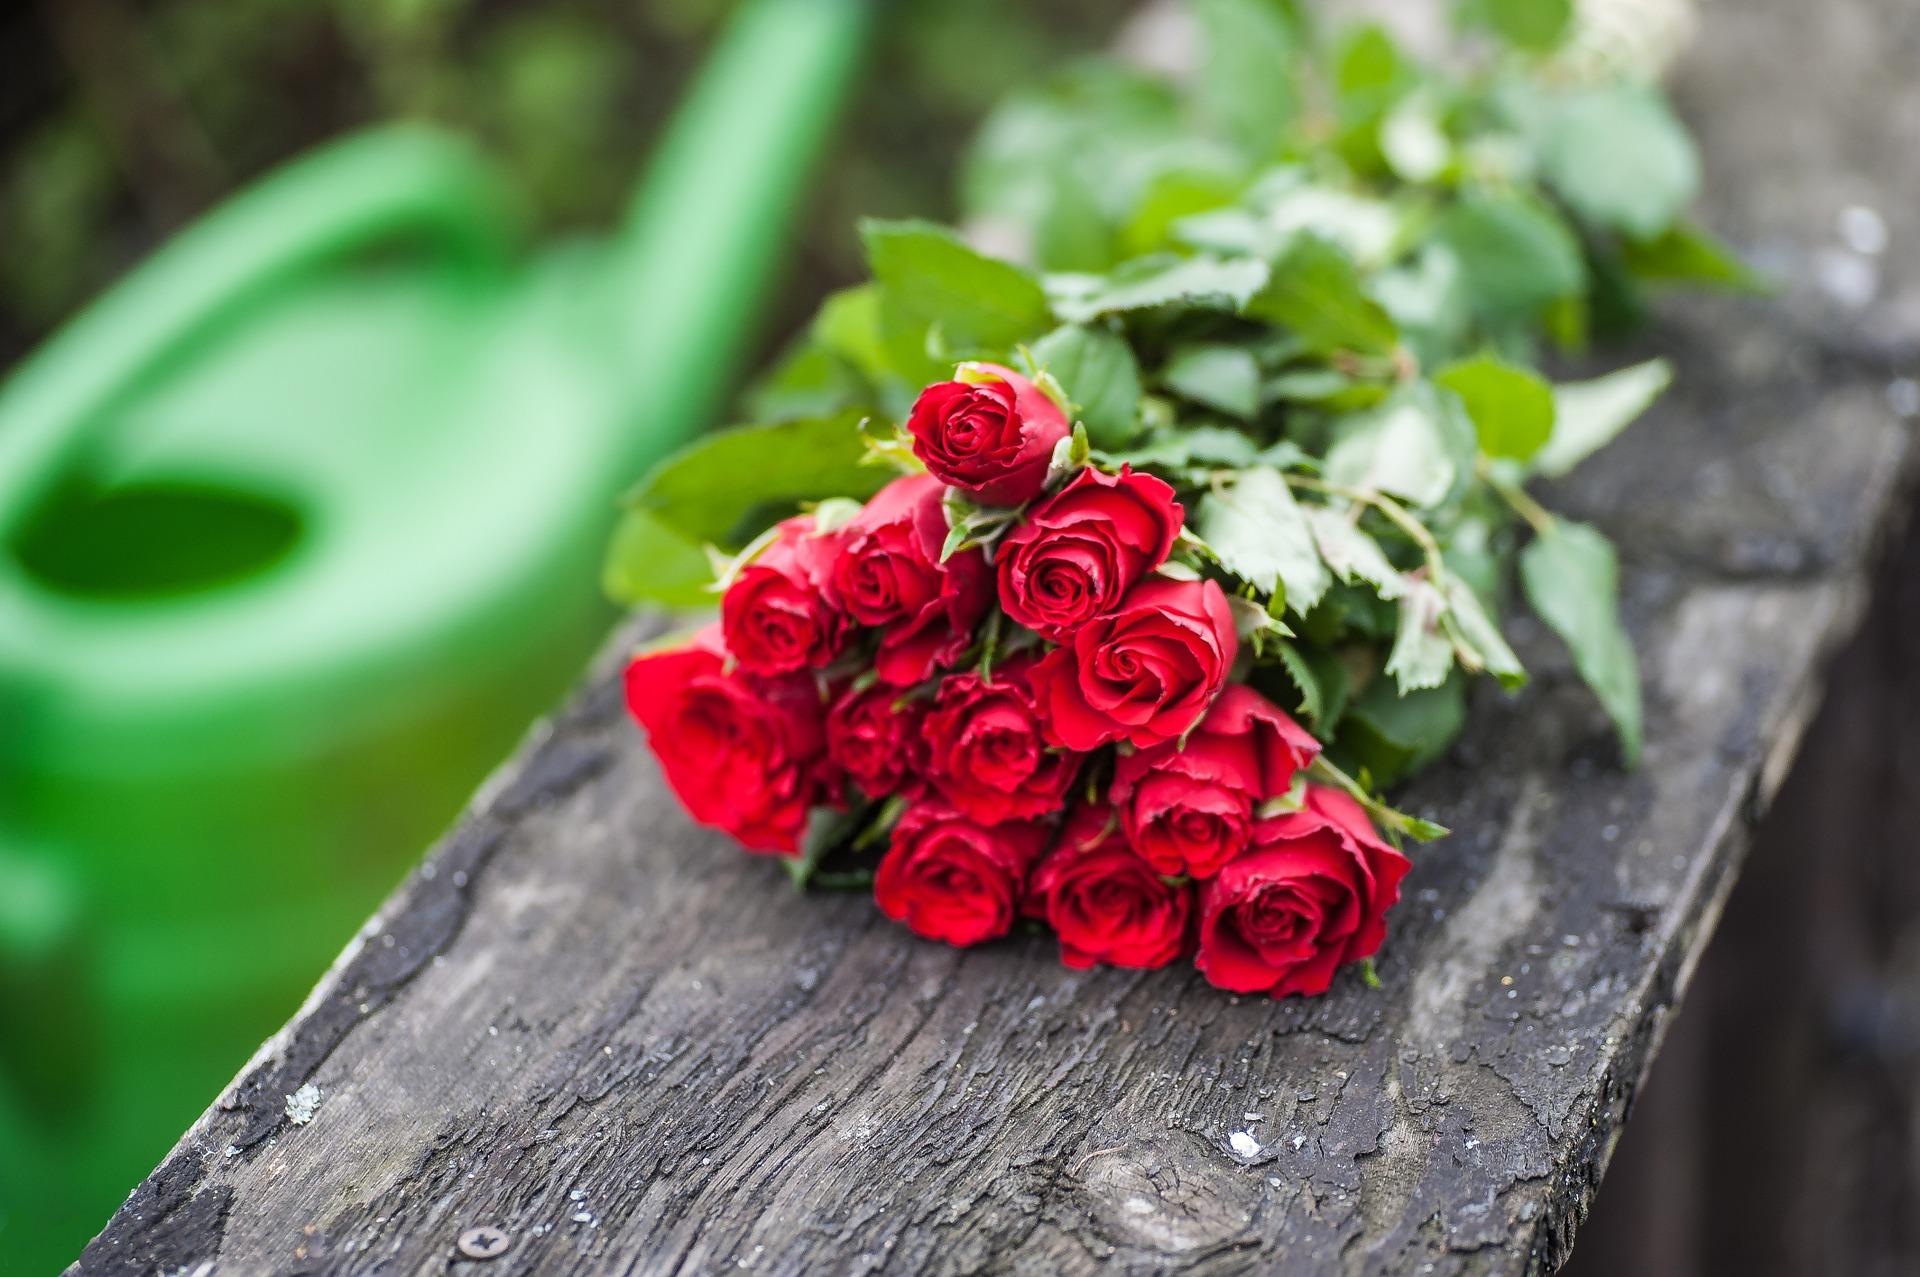 صورة اجمل صور الورد , الجمال يتكلم بحب 5915